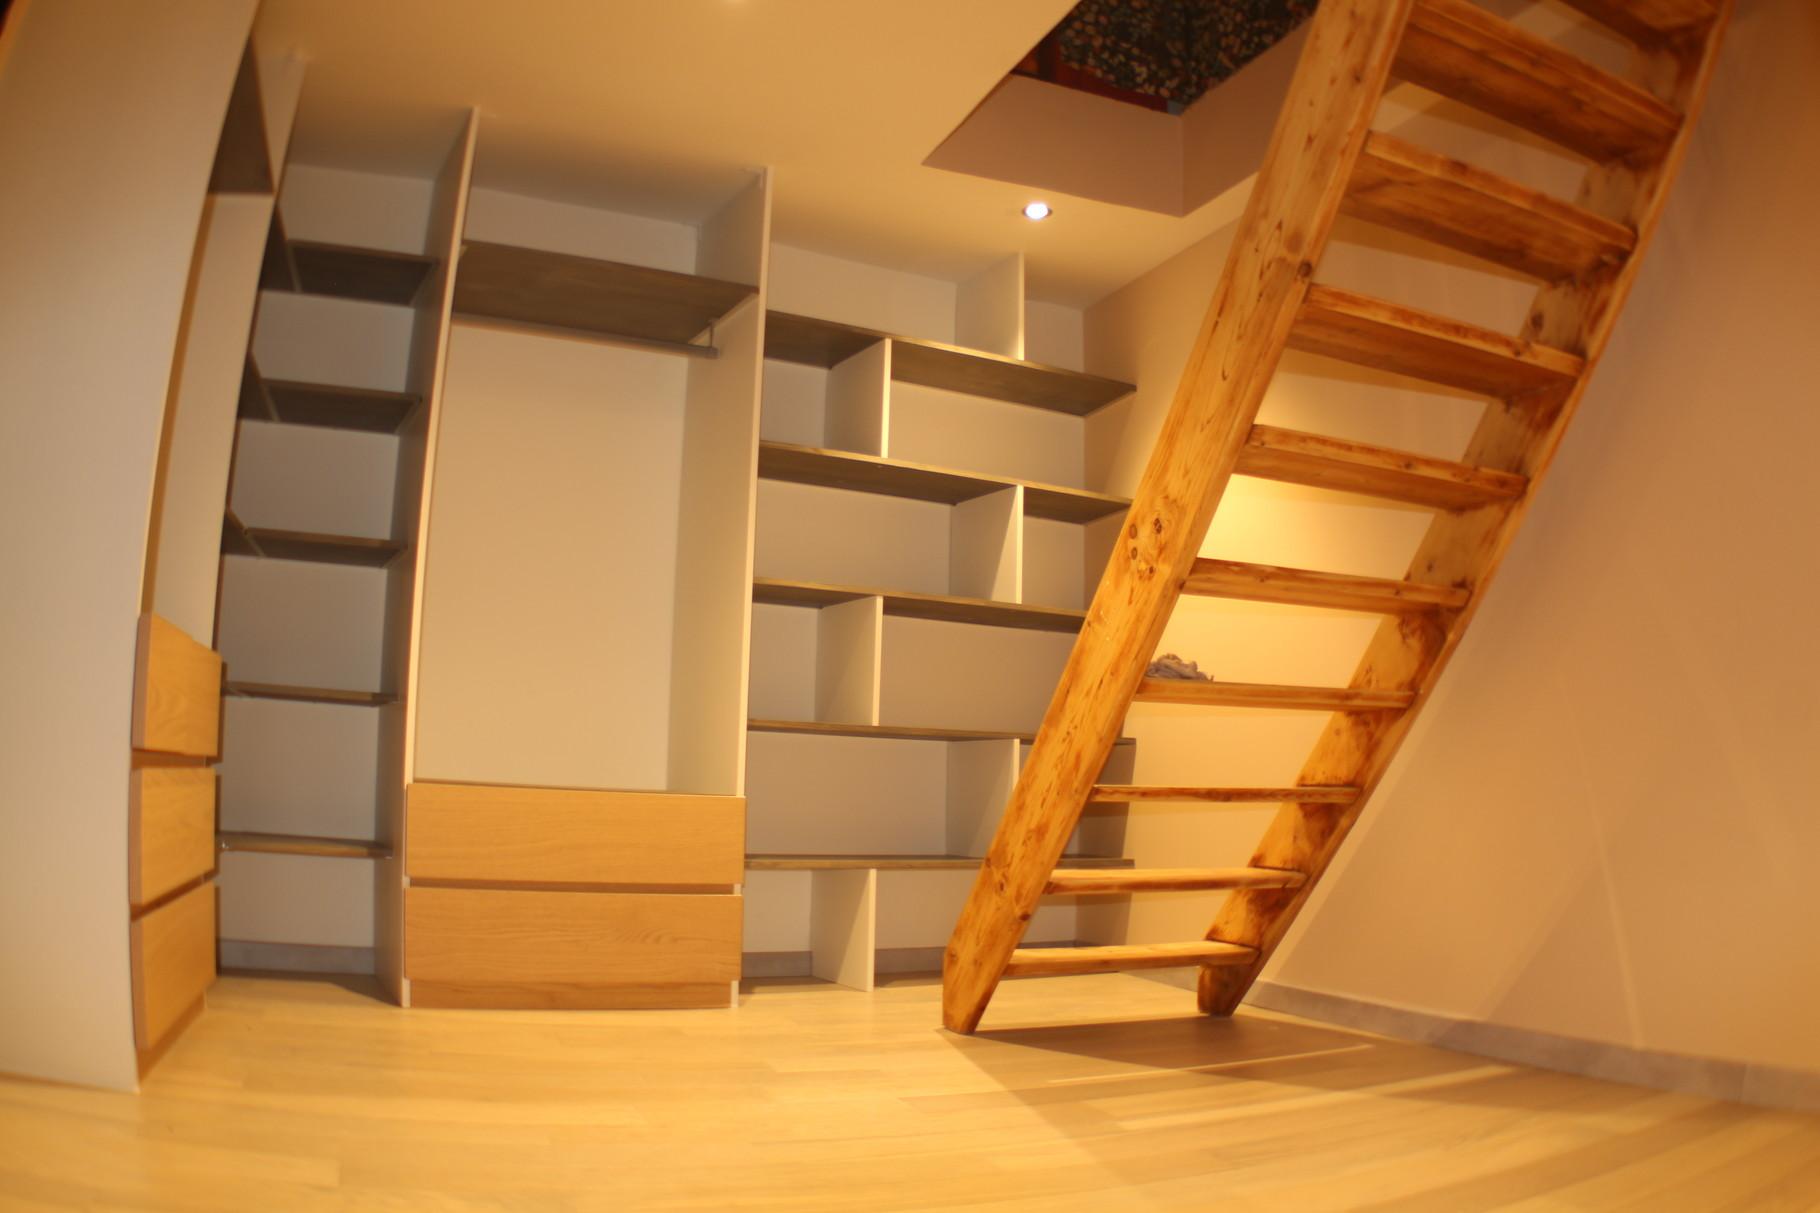 Dressing sur mesure, parquet chêne, isolation phonique,rénovation escalier